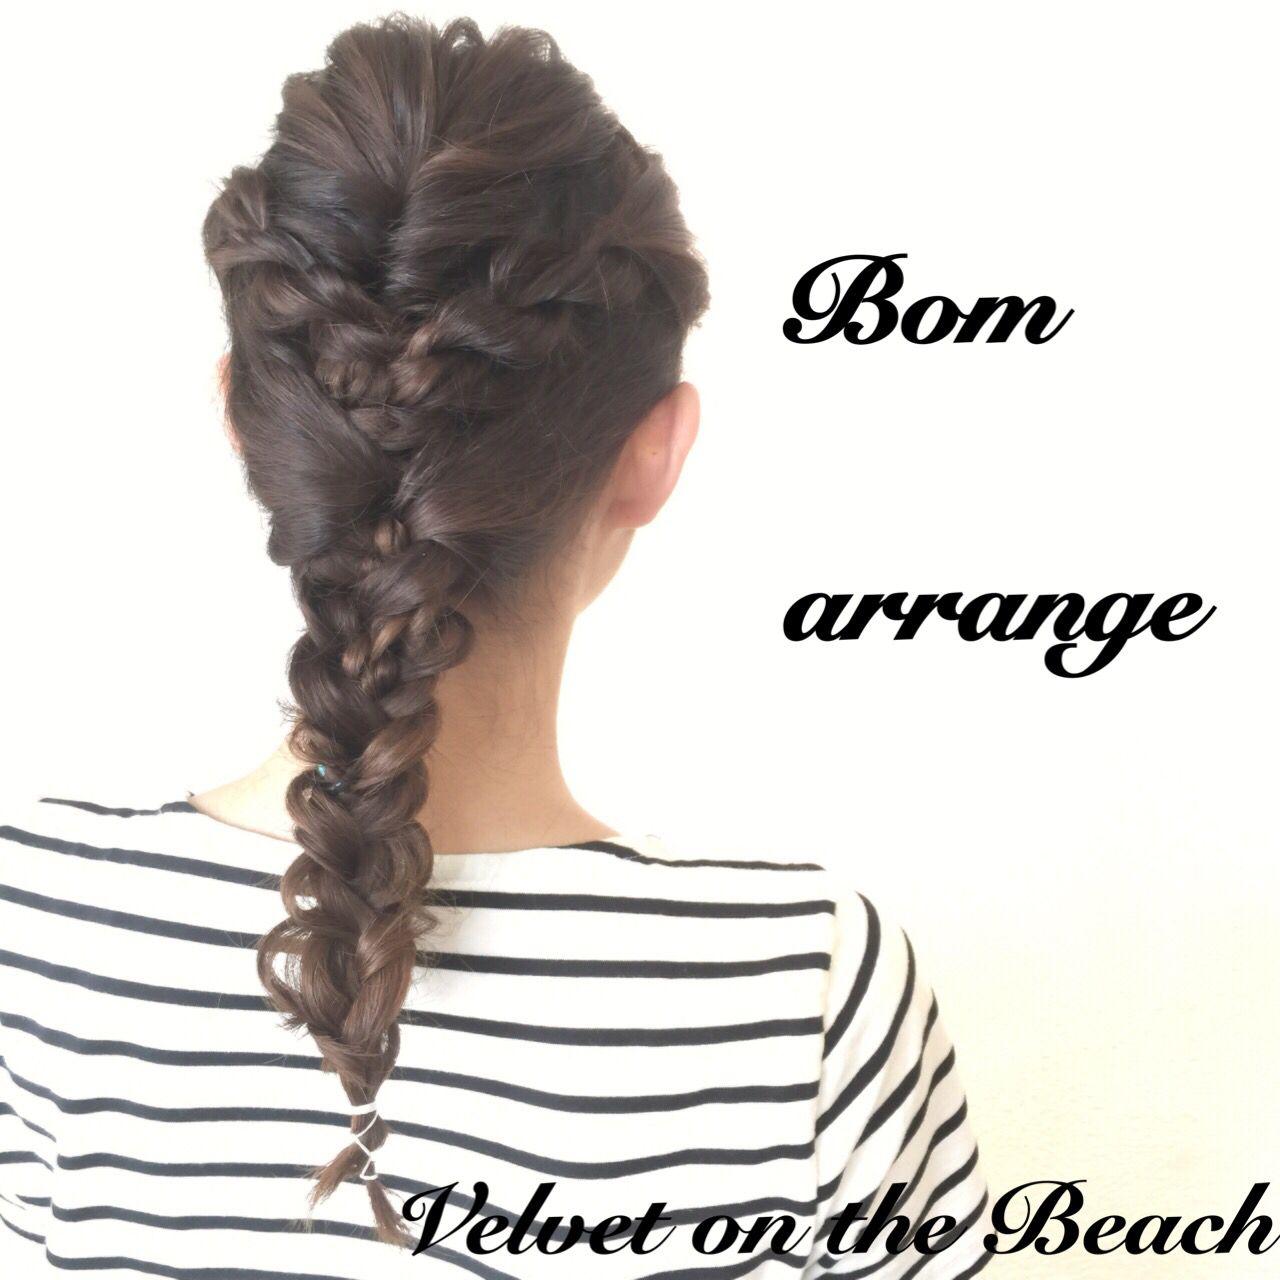 コンサバ 三つ編み セミロング 編み込み ヘアスタイルや髪型の写真・画像 | 青木彩(Bom) / Velvet on the Beach